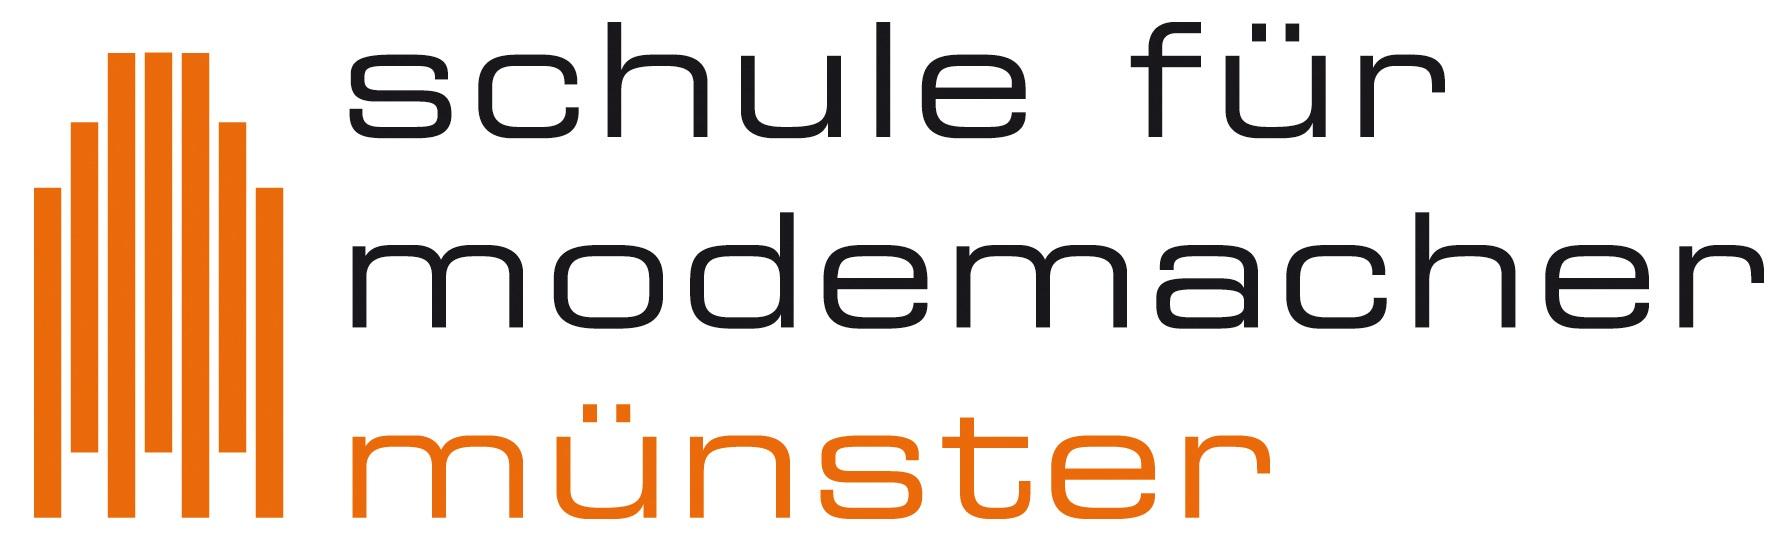 Schule für Modemacher Münster